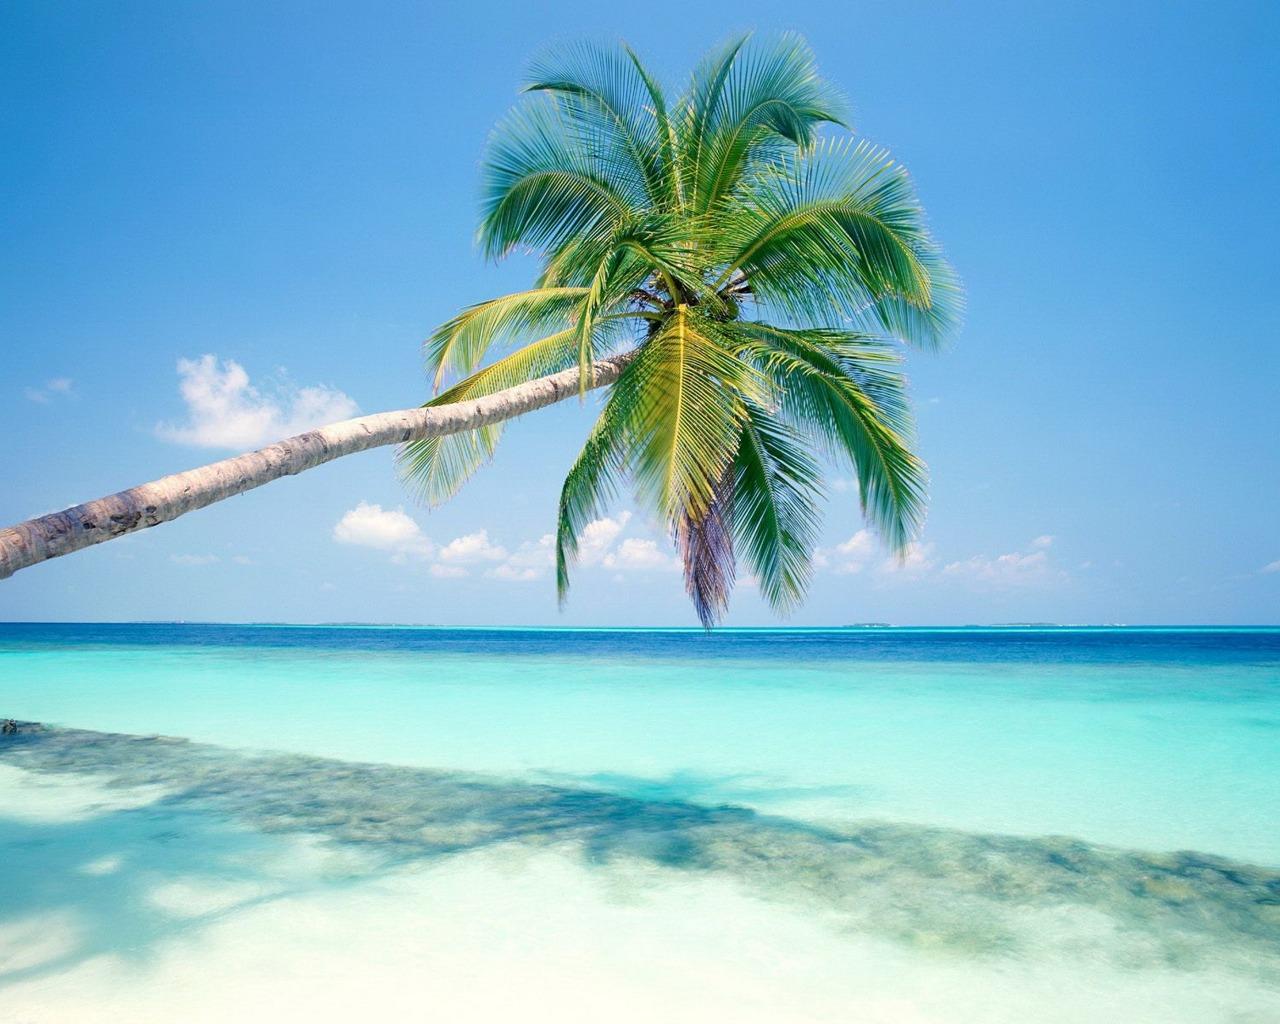 Bora Bora Island Hd Wallpapers   1280x1024 iWallHD   Wallpaper HD 1280x1024